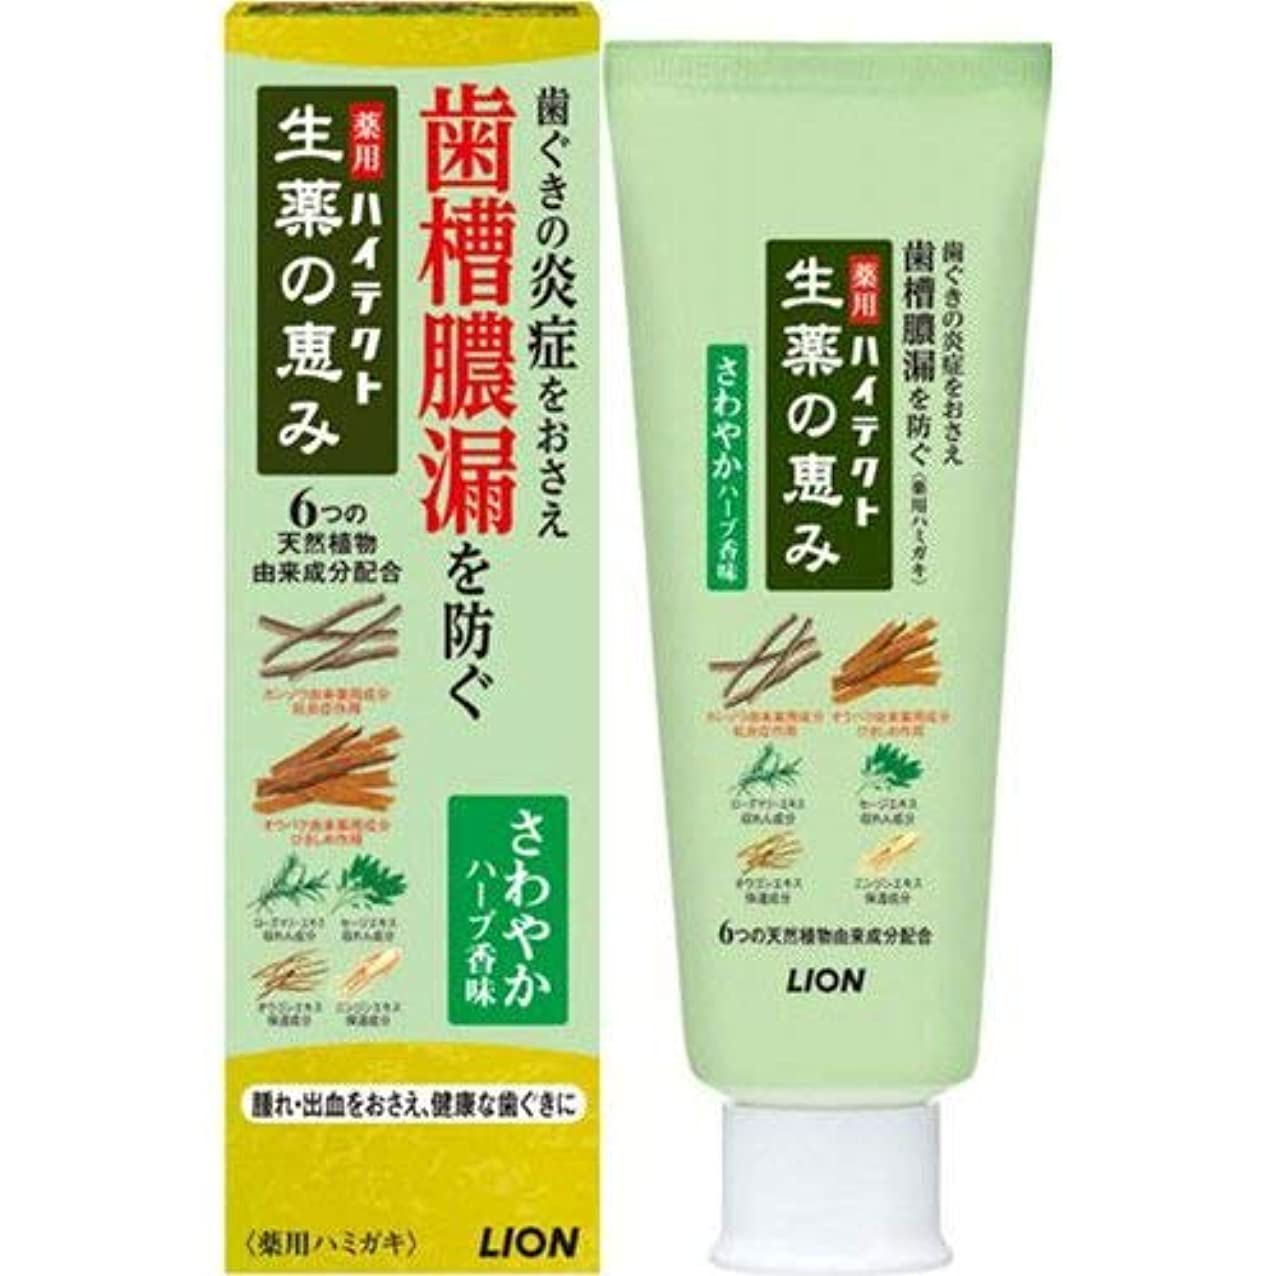 通常寸前に向けて出発【ライオン】ハイテクト 生薬の恵み さわやかハーブ香味90g×5個セット